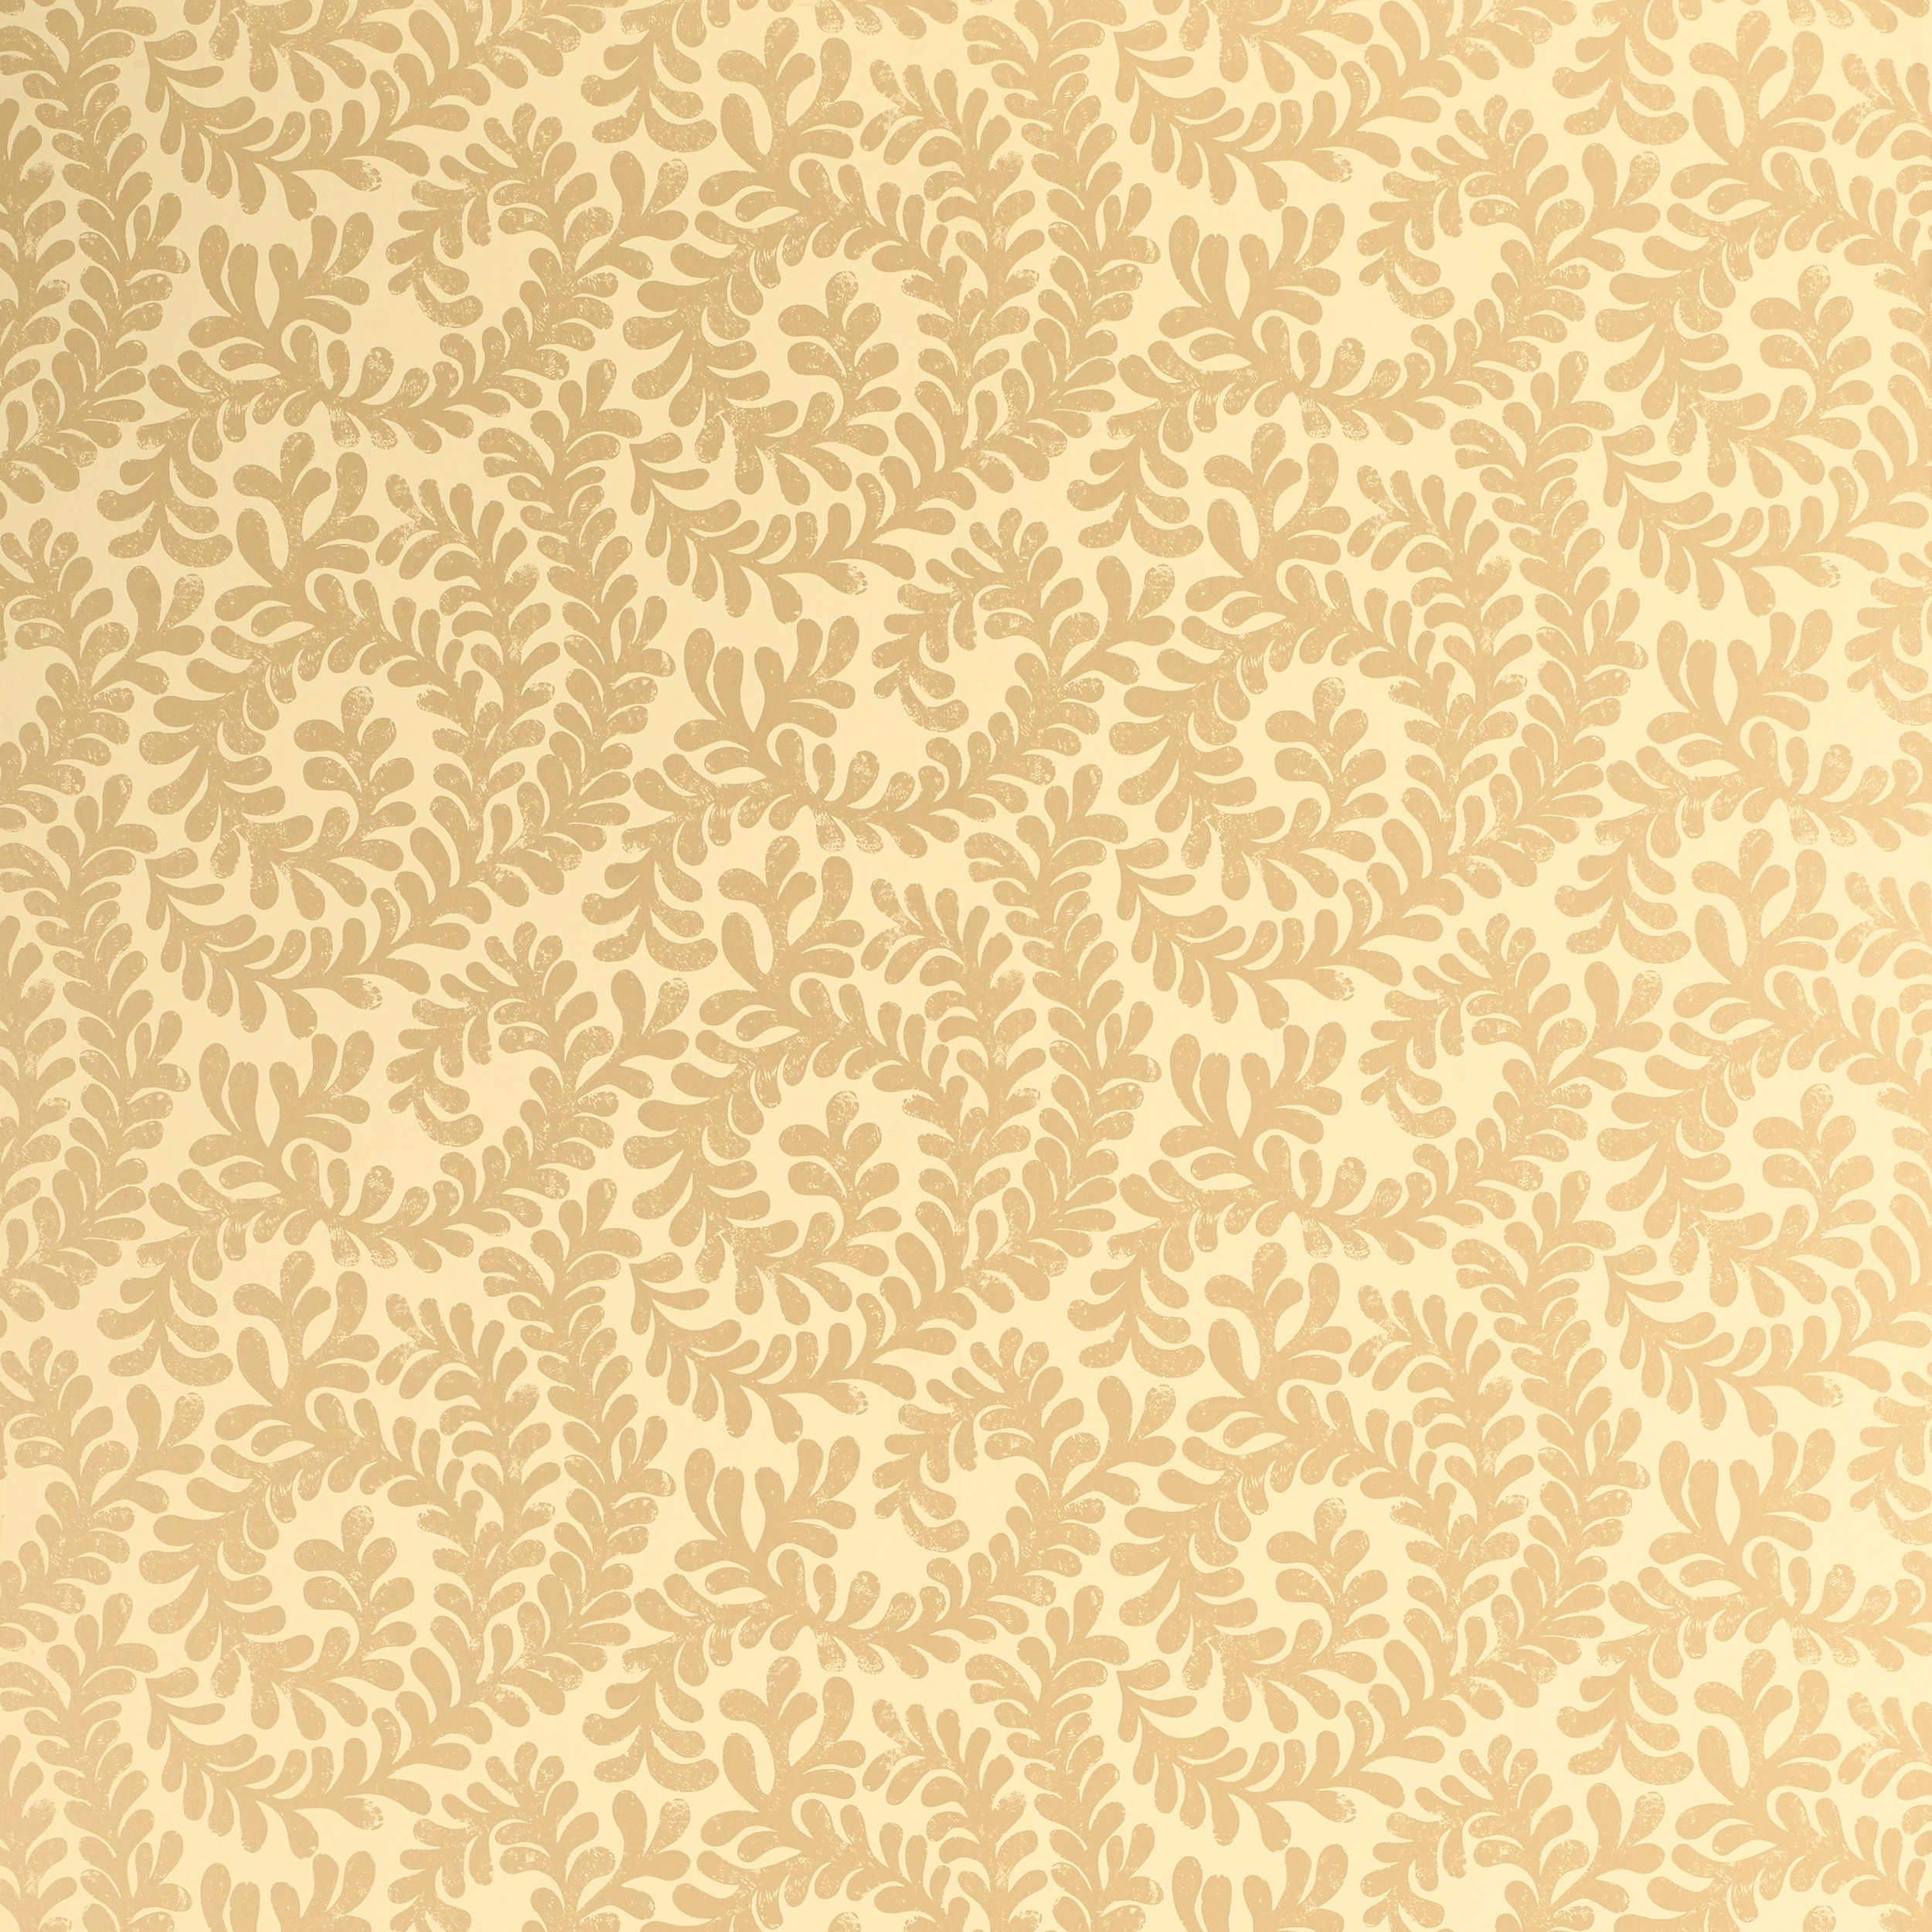 Papeles pintados laura ashley excellent en el bao tambin - Laura ashley papel pintado ...